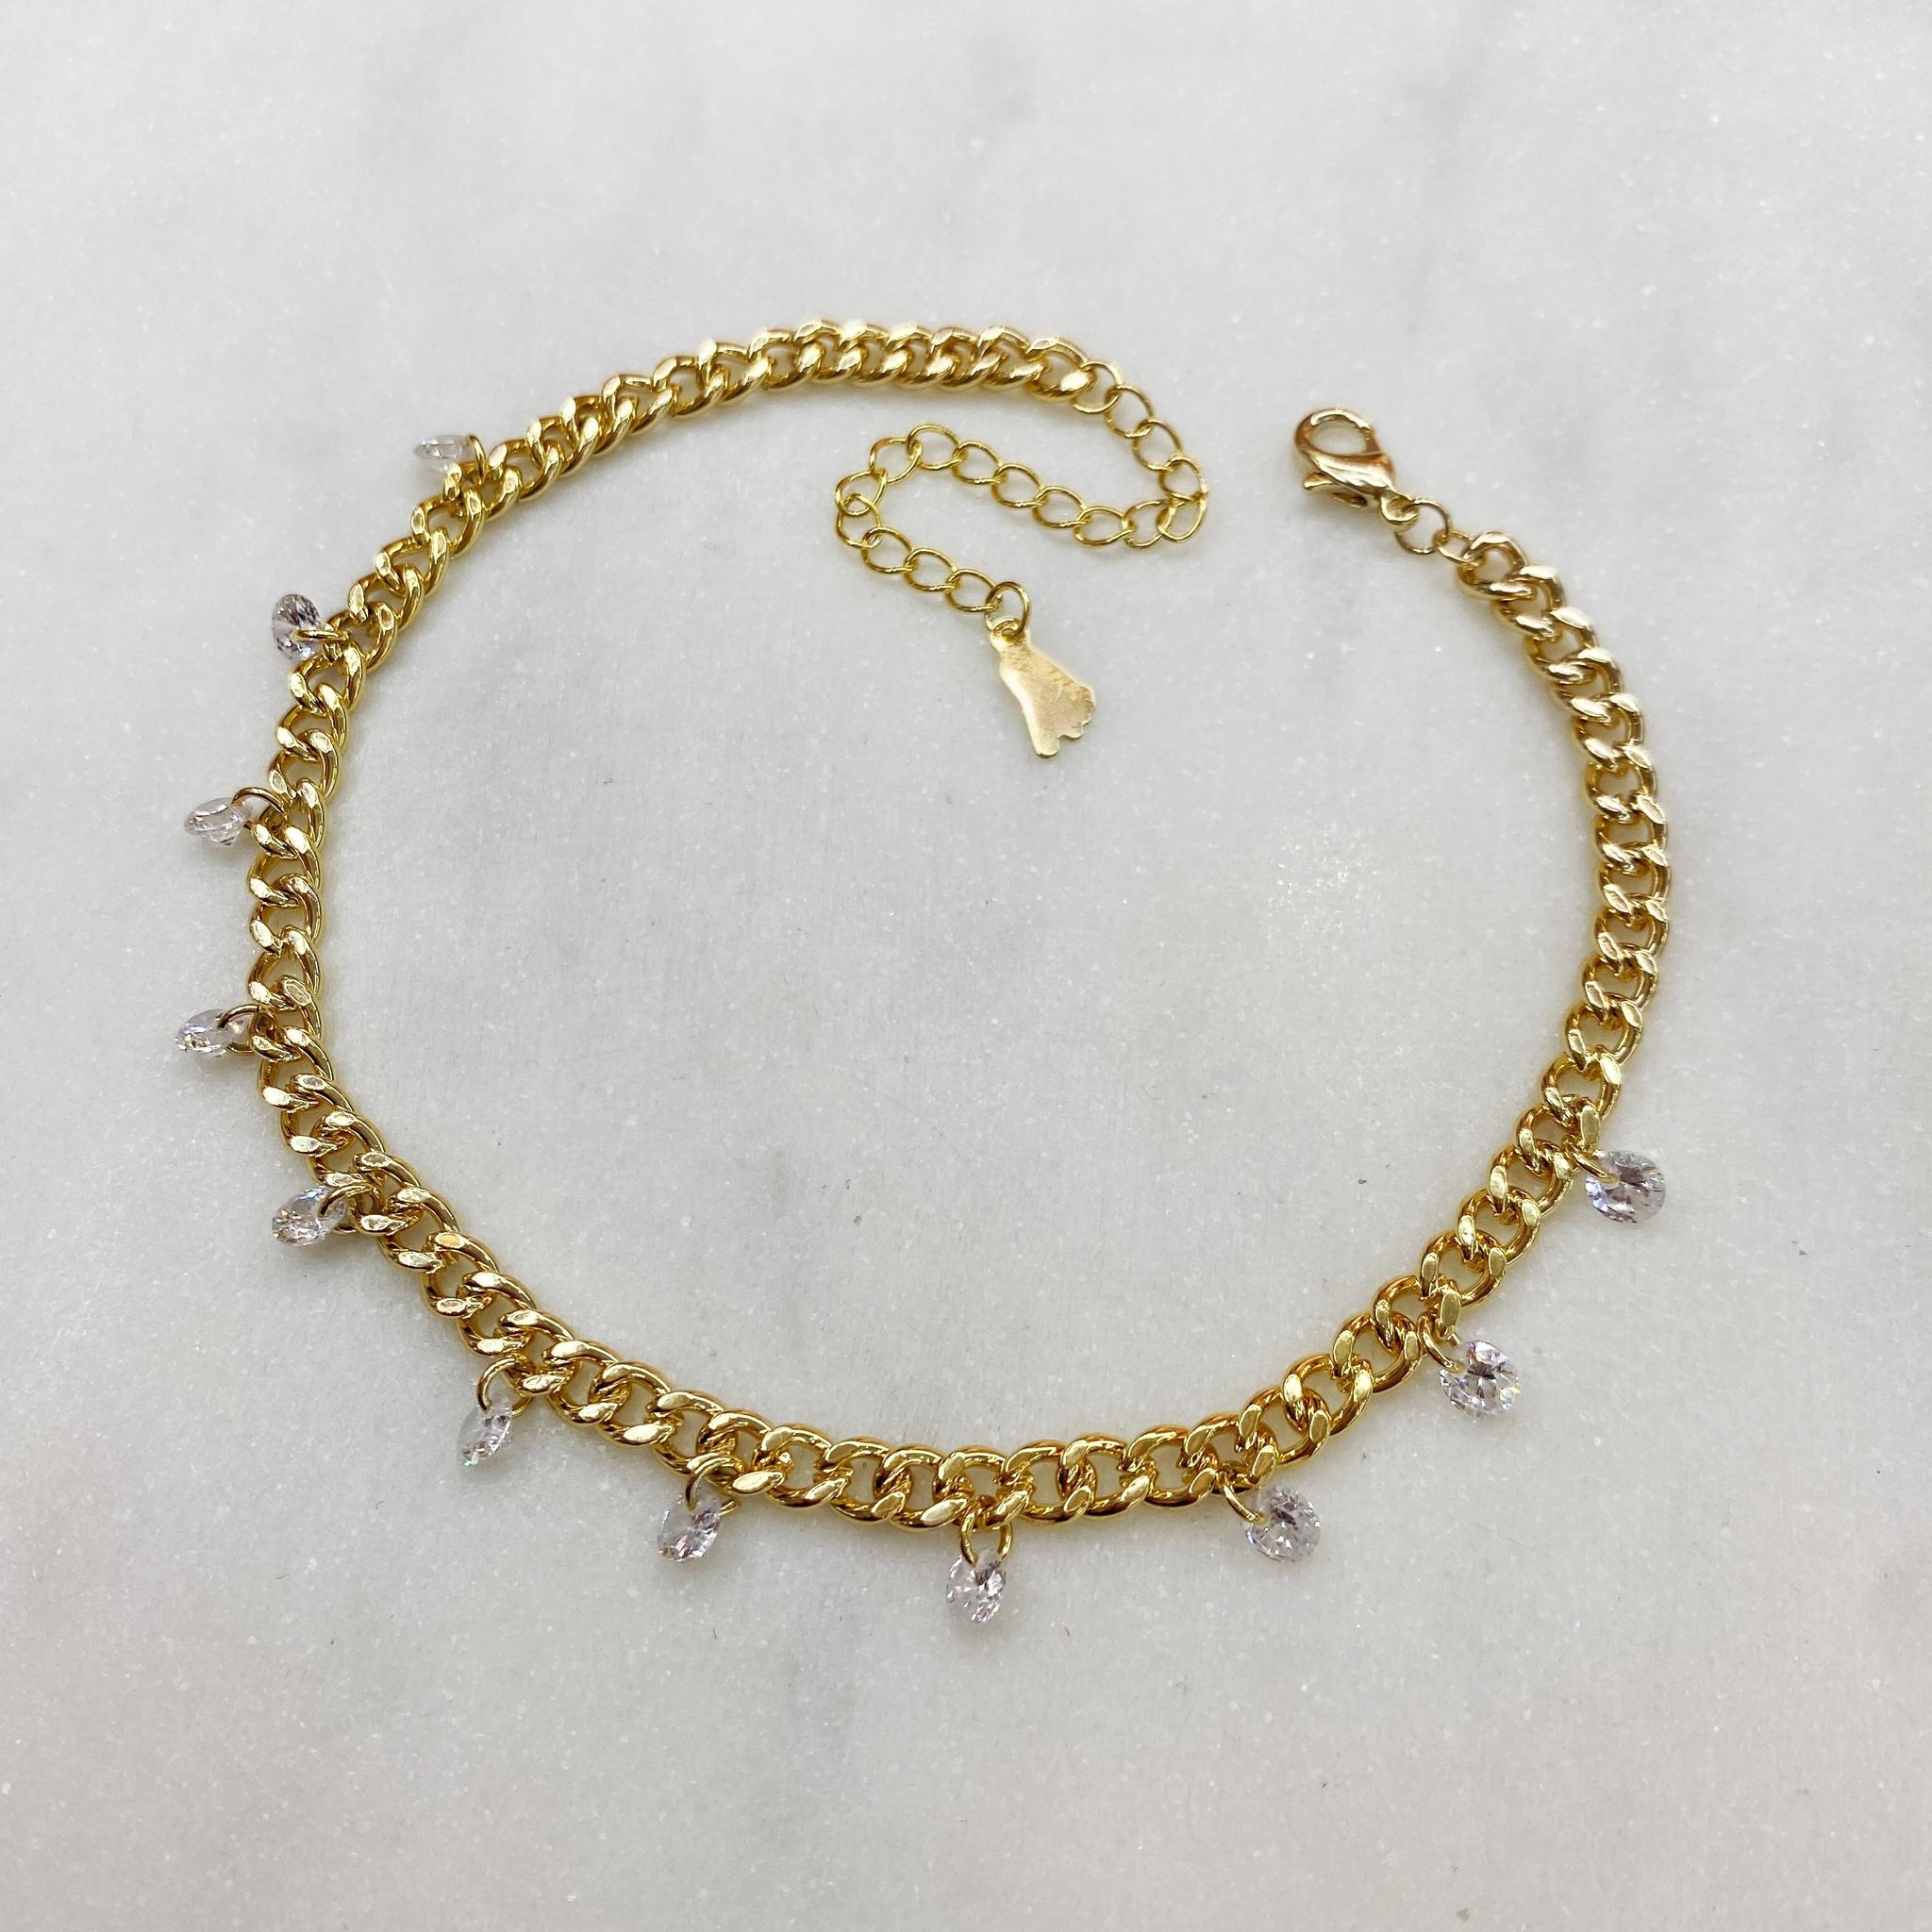 Анклет на панцирной цепи с круглыми кристальными подвесками (золотистый)